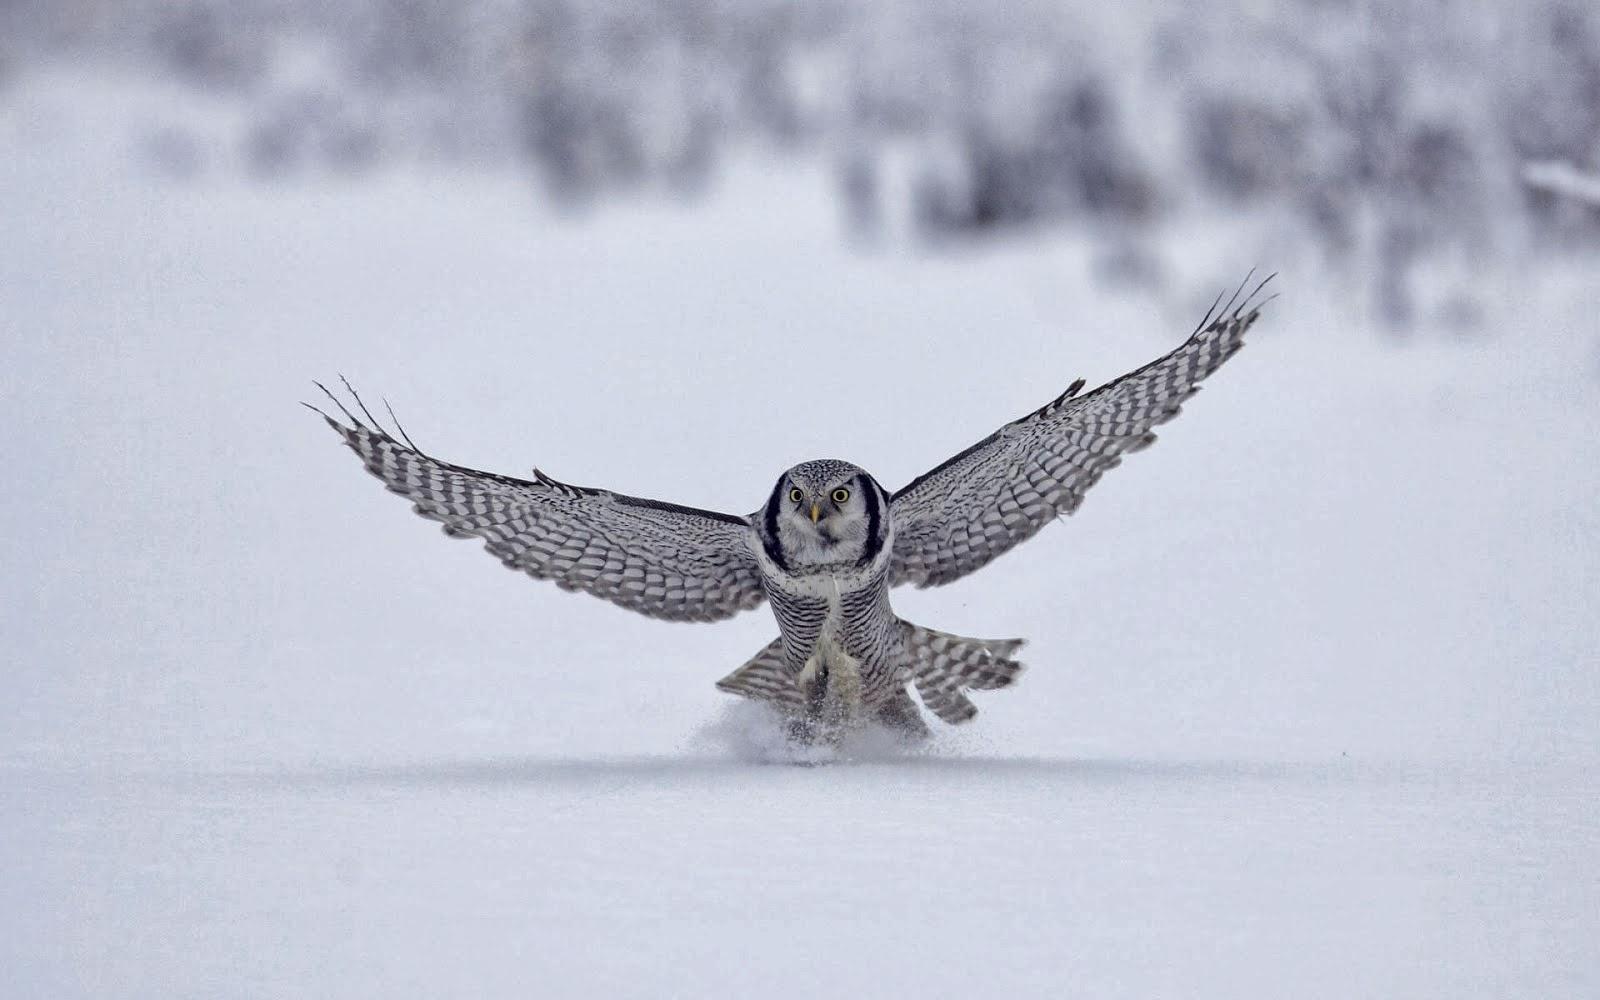 hd wallpaper download 1080p eagle hd wallpaper download 1080p owl hd